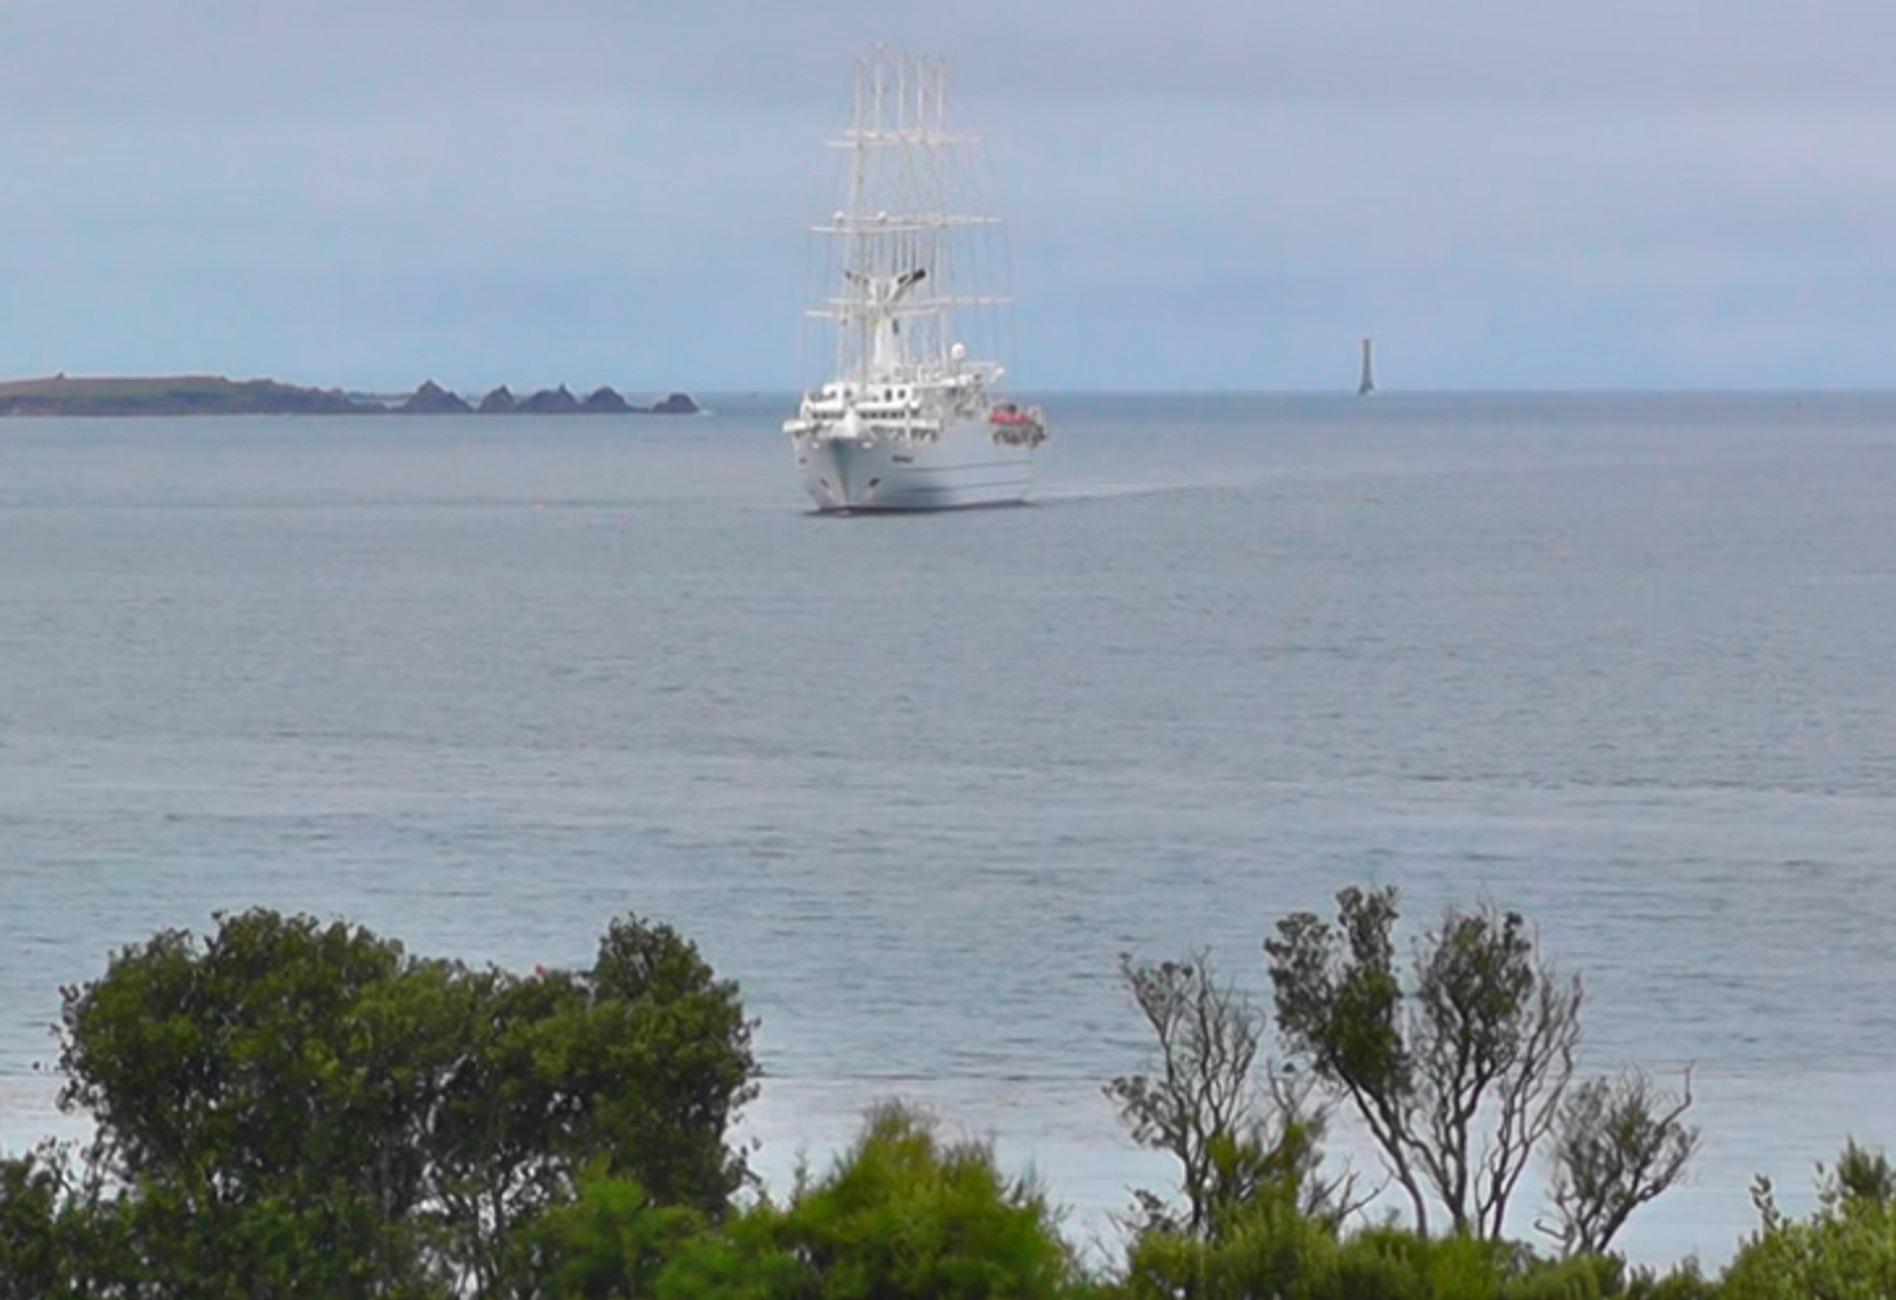 Χανιά: Το εκπληκτικό ιστιοφόρο μήκους 194 μέτρων – Η πλωτή πολιτεία που έδεσε στο λιμάνι – video